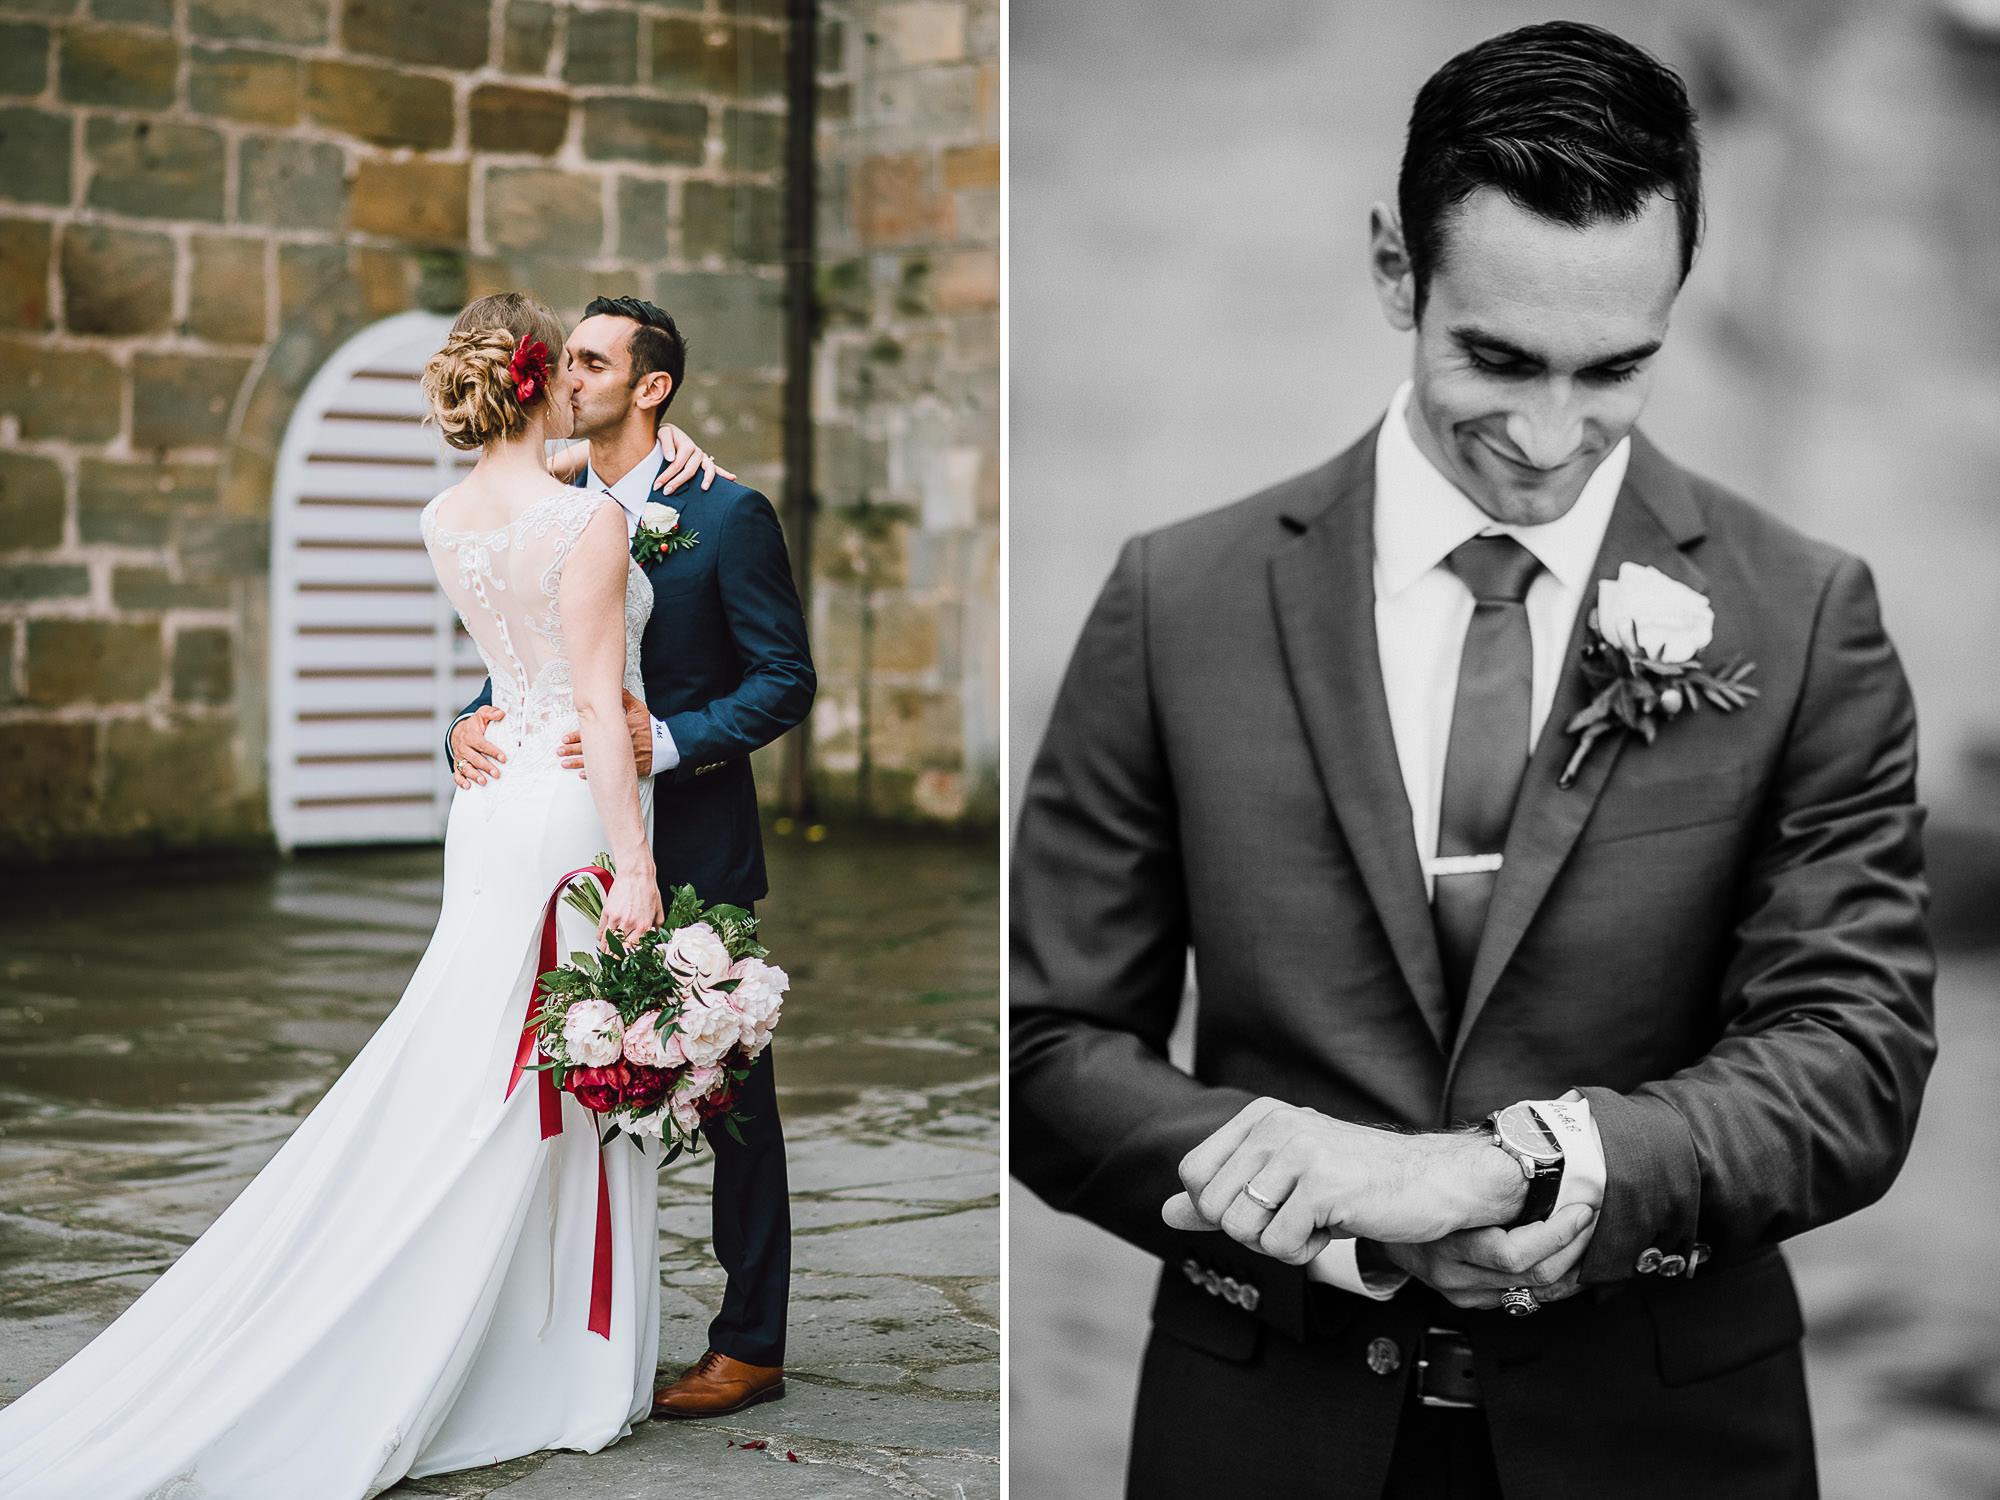 rustic-elegant-wedding-schloss-hochzeit-eyrichshof-franken-bamberg-100